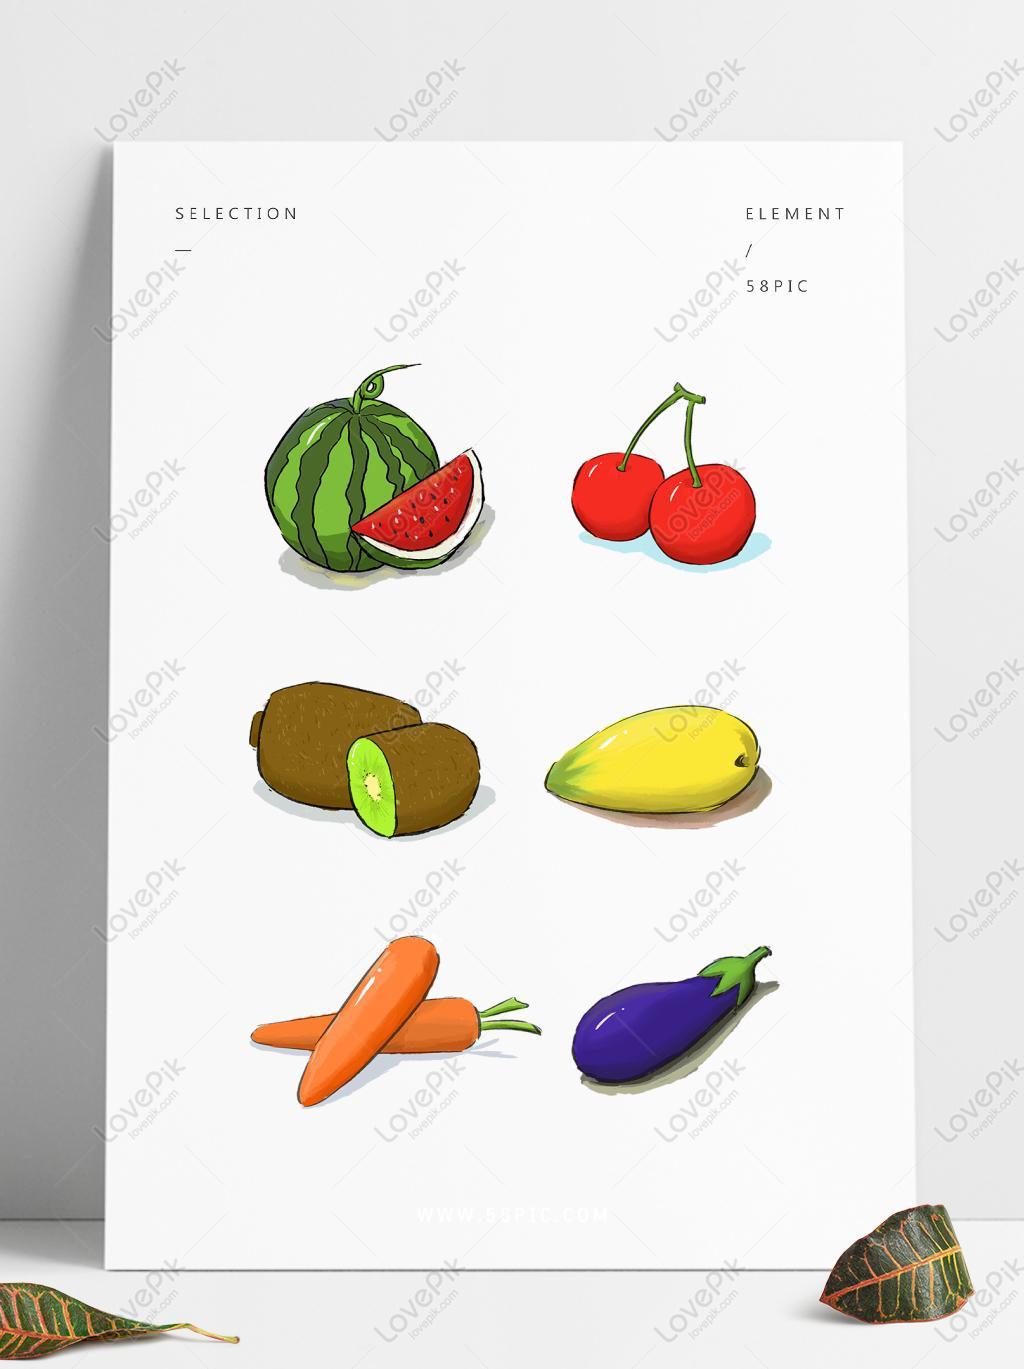 水果蔬菜手绘可商用西瓜樱桃芒果茄子胡萝卜